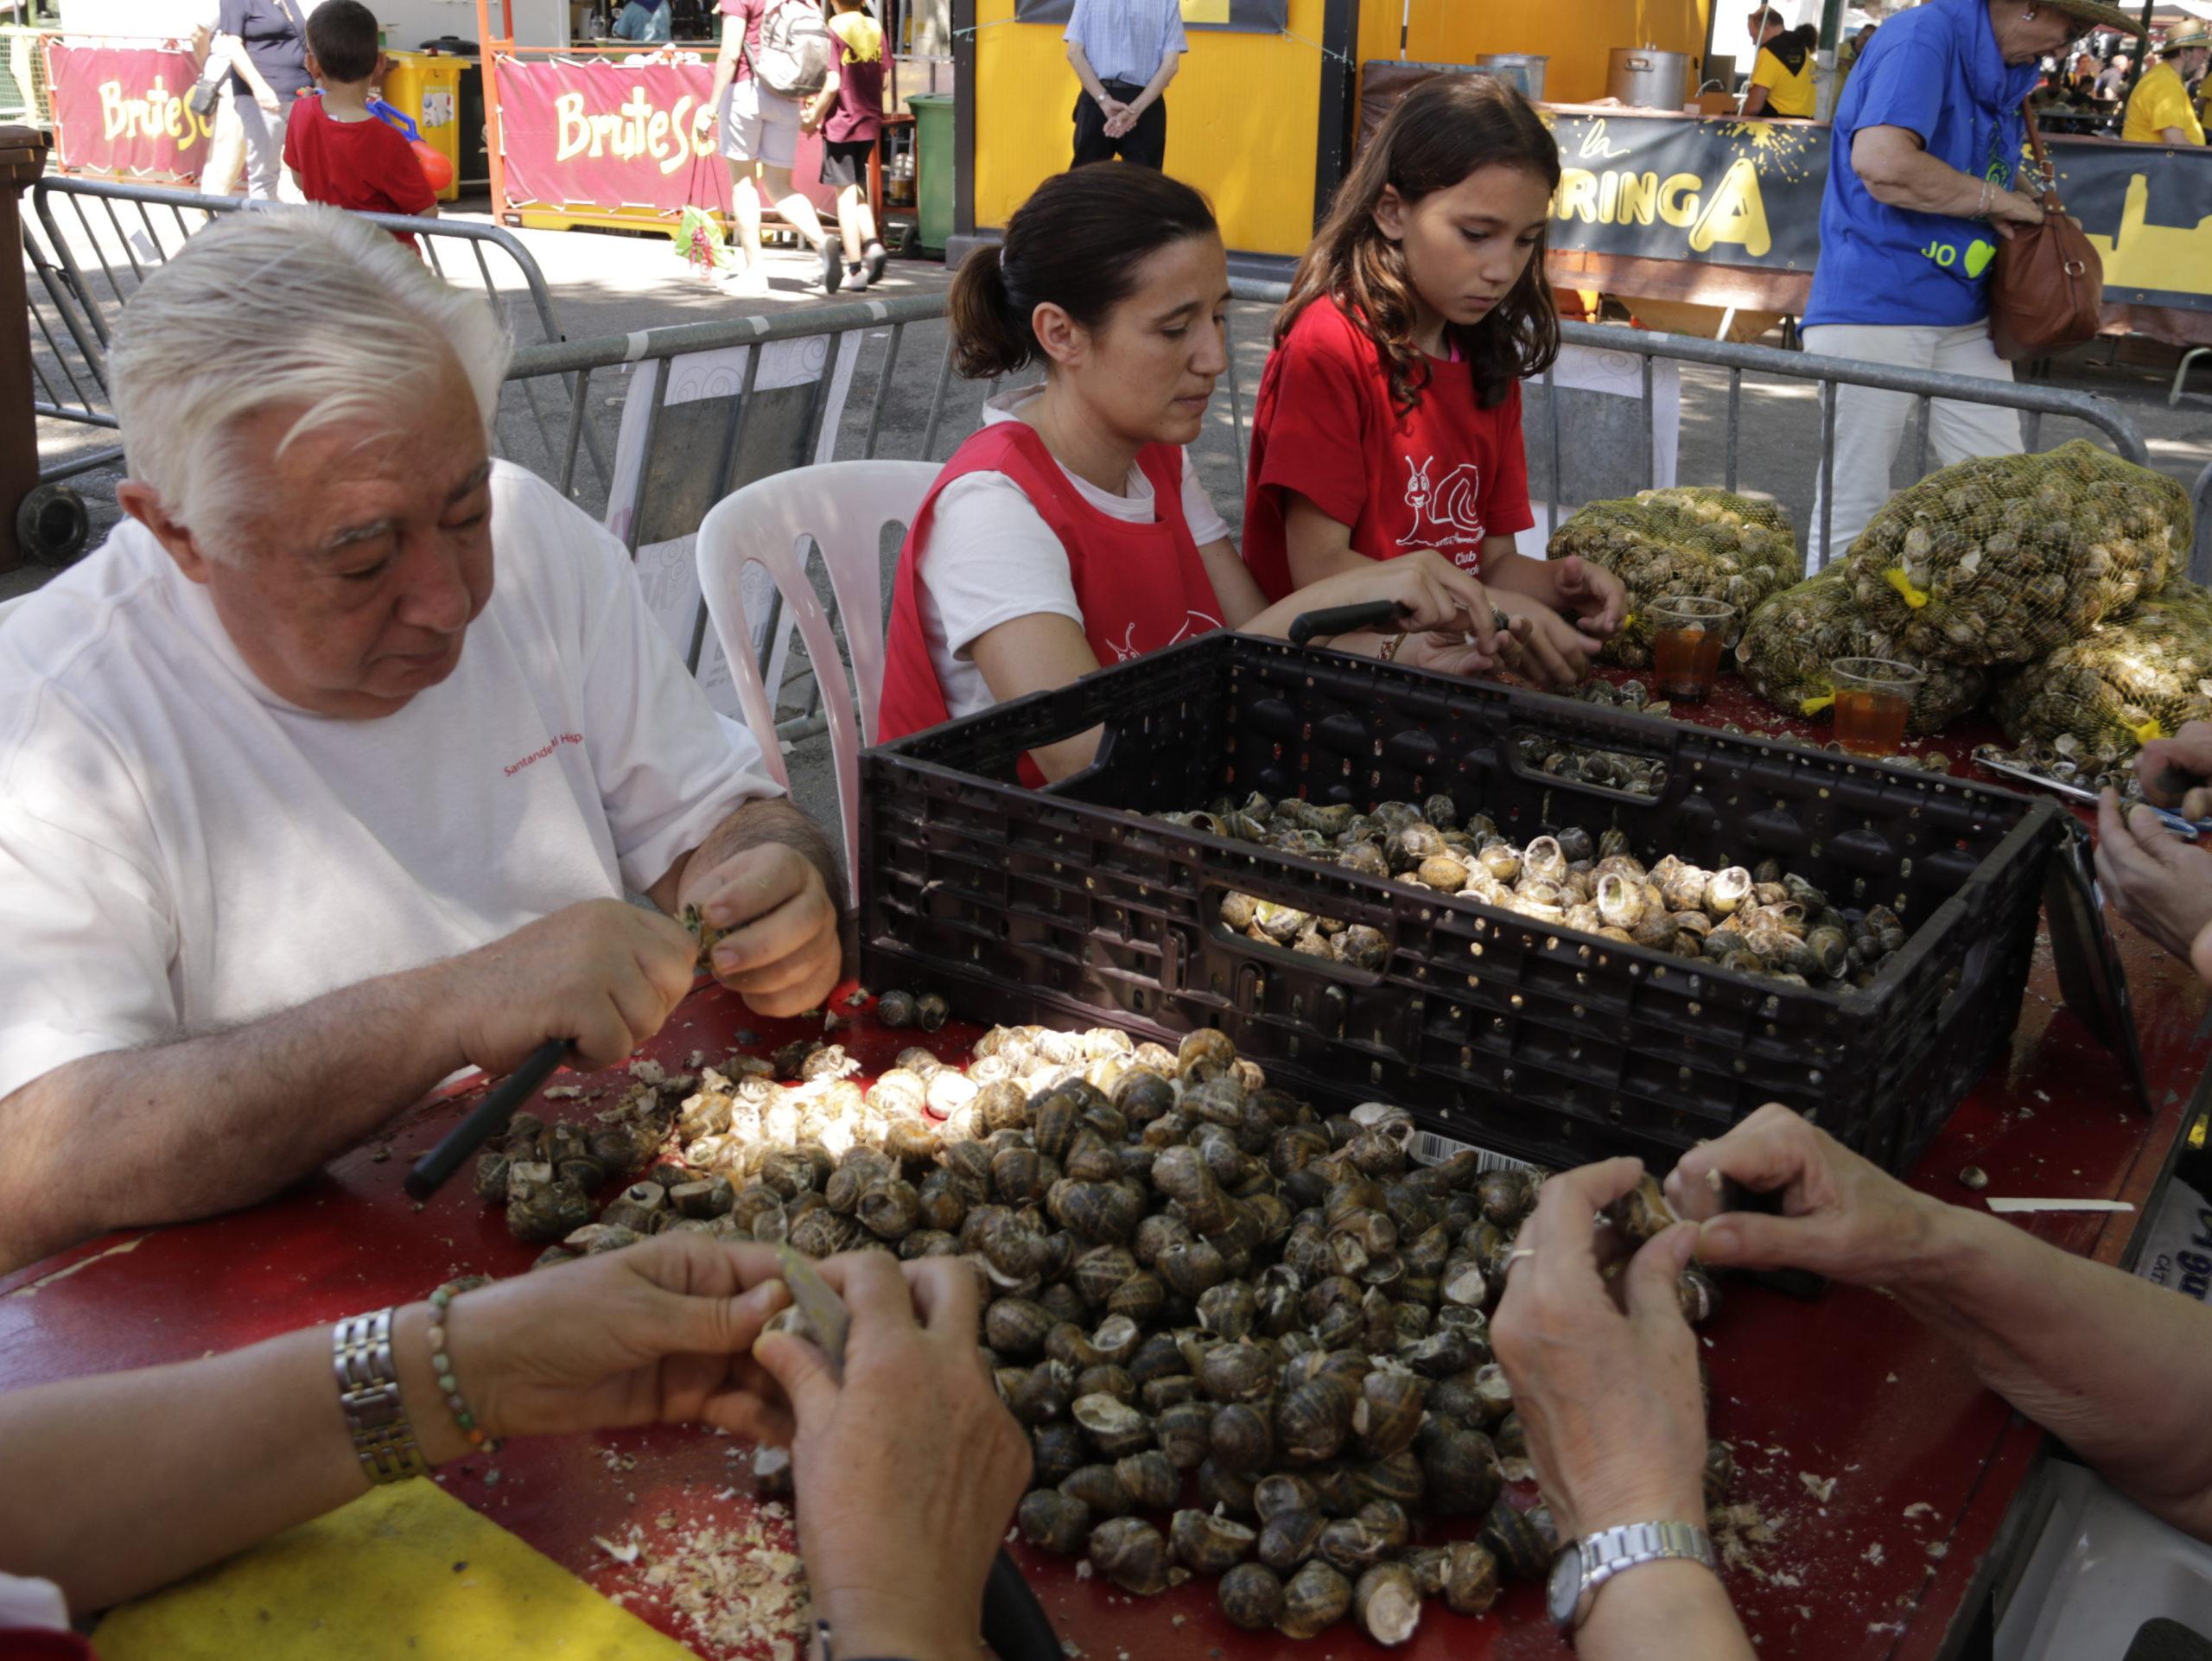 Els membres d'una de les colles de l'Aplec del Caragol de Lleida triant i netejant caragols per dinar   ACN